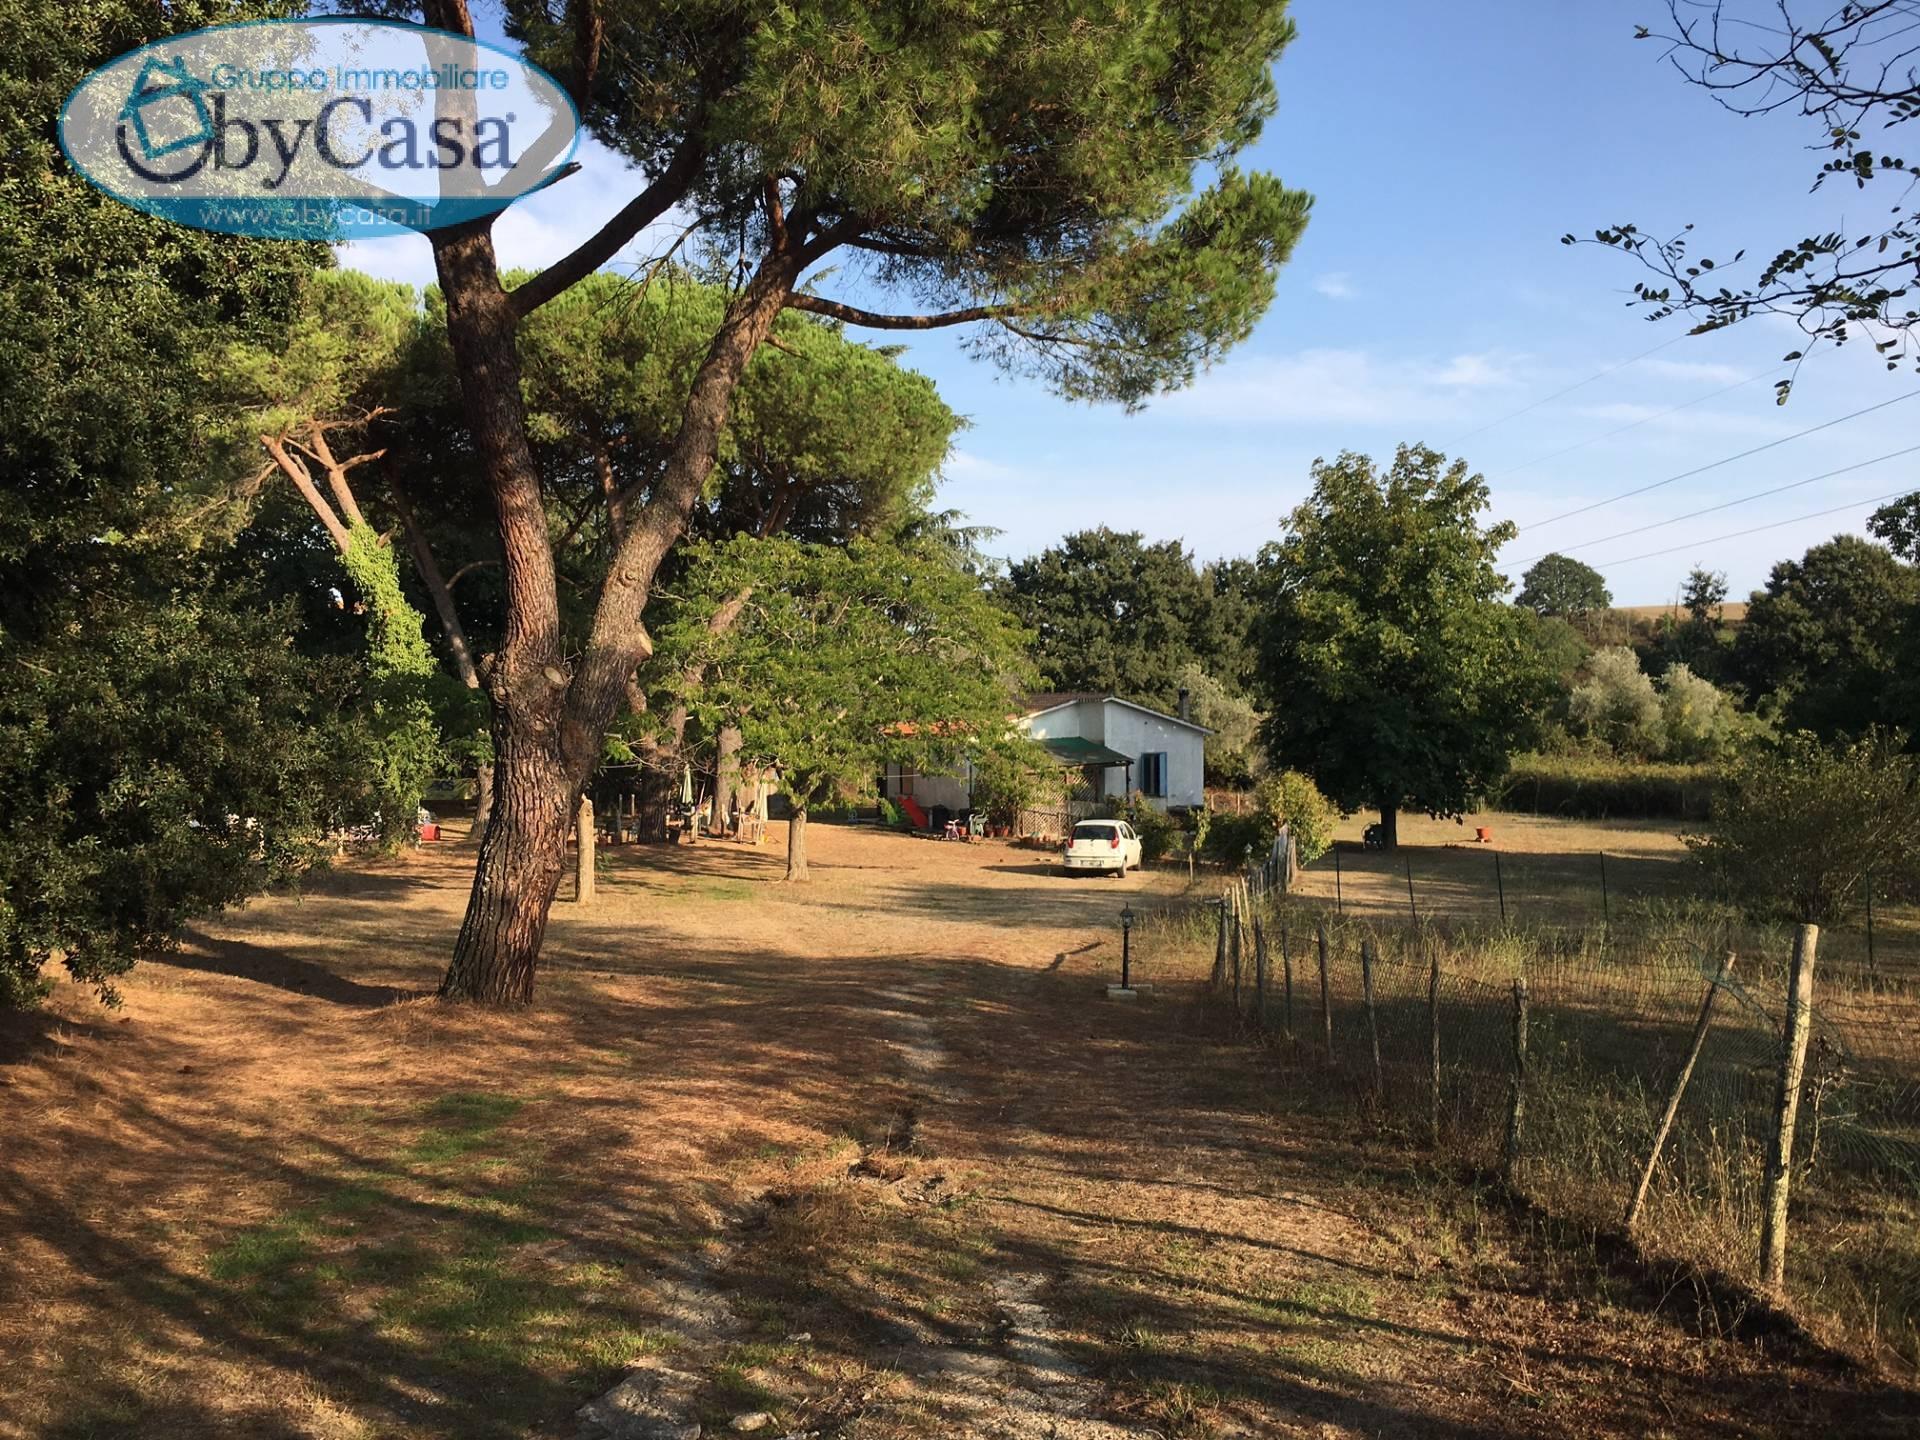 Soluzione Indipendente in vendita a Bracciano, 3 locali, zona Località: LaRinascente, prezzo € 135.000 | CambioCasa.it